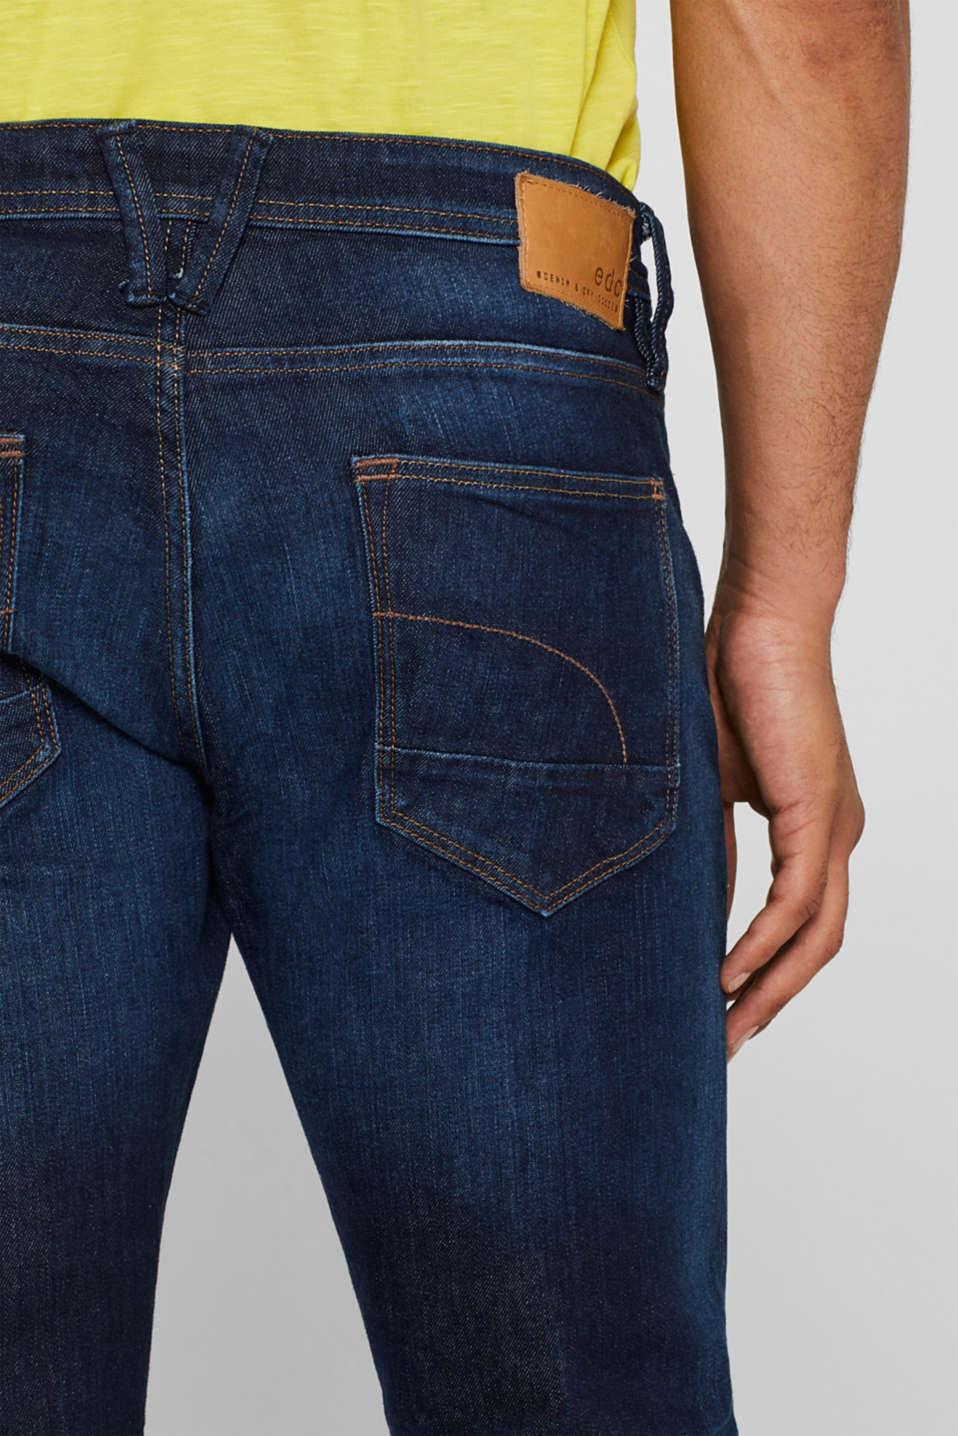 Vintage wash stretch jeans, BLUE DARK WASH, detail image number 3